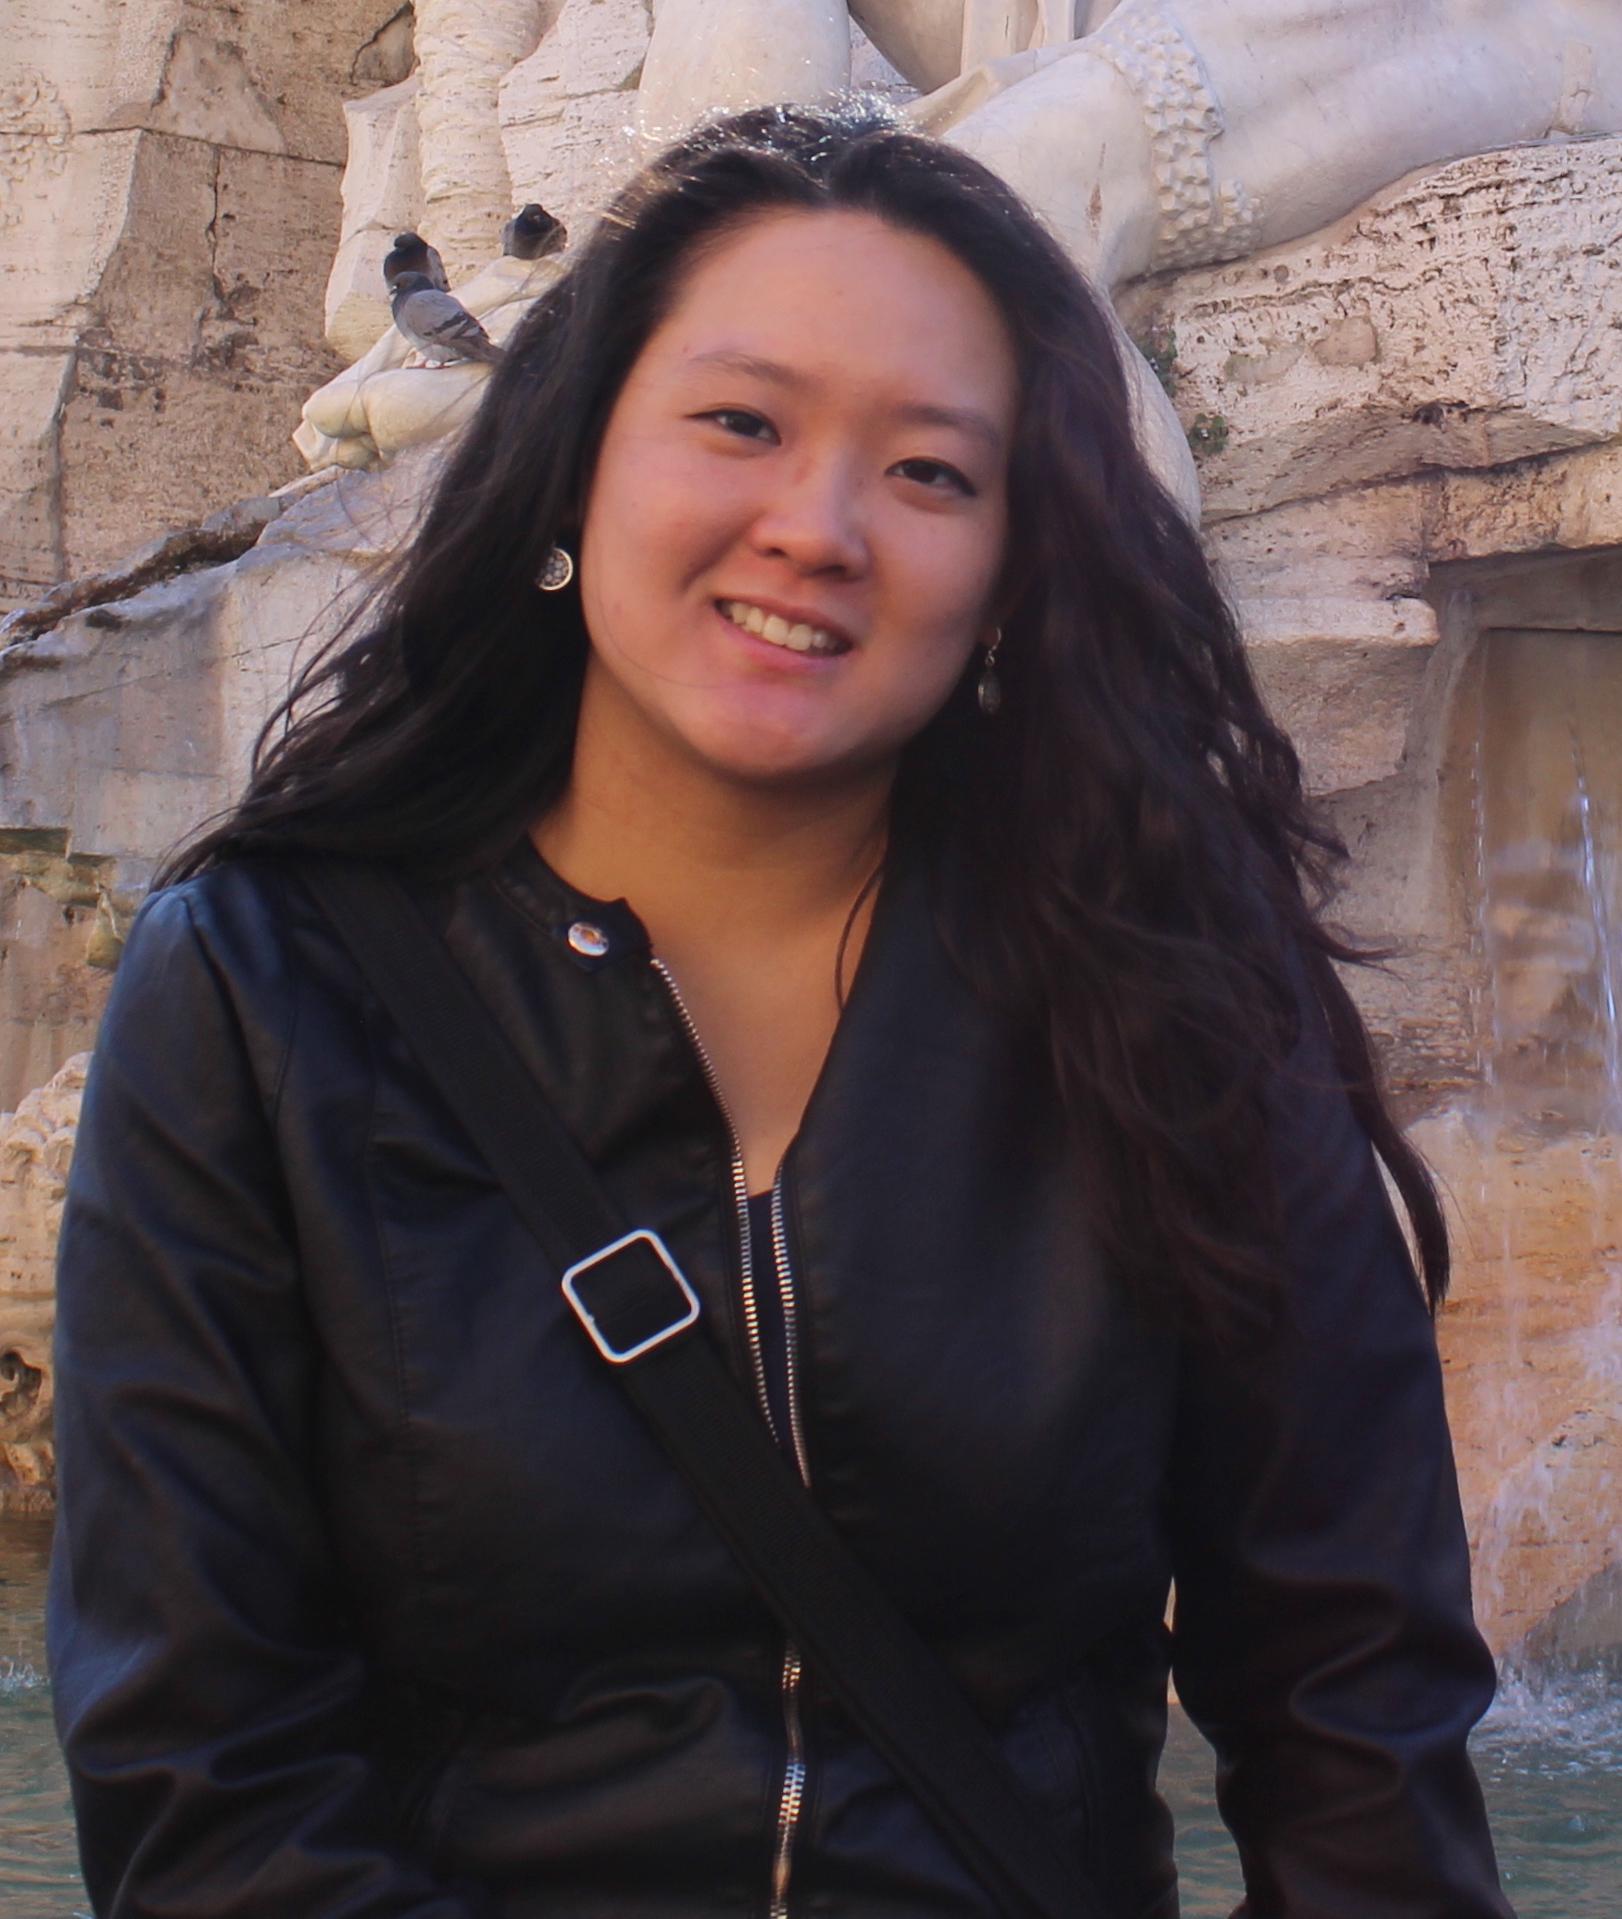 Woman with dark long hair smiling at camera